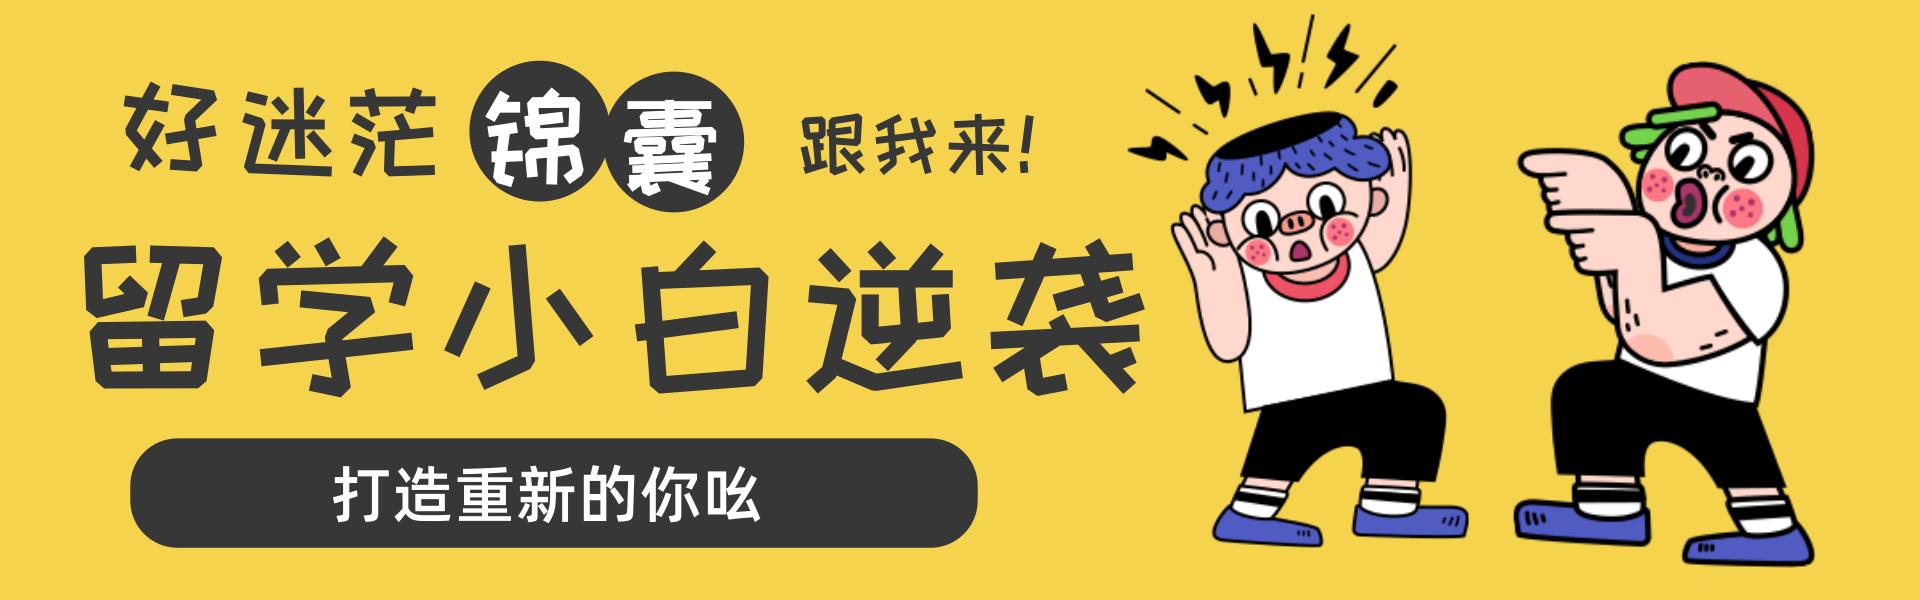 多伦多大学会计本科_北京青锐未来国际科技有限责任公司